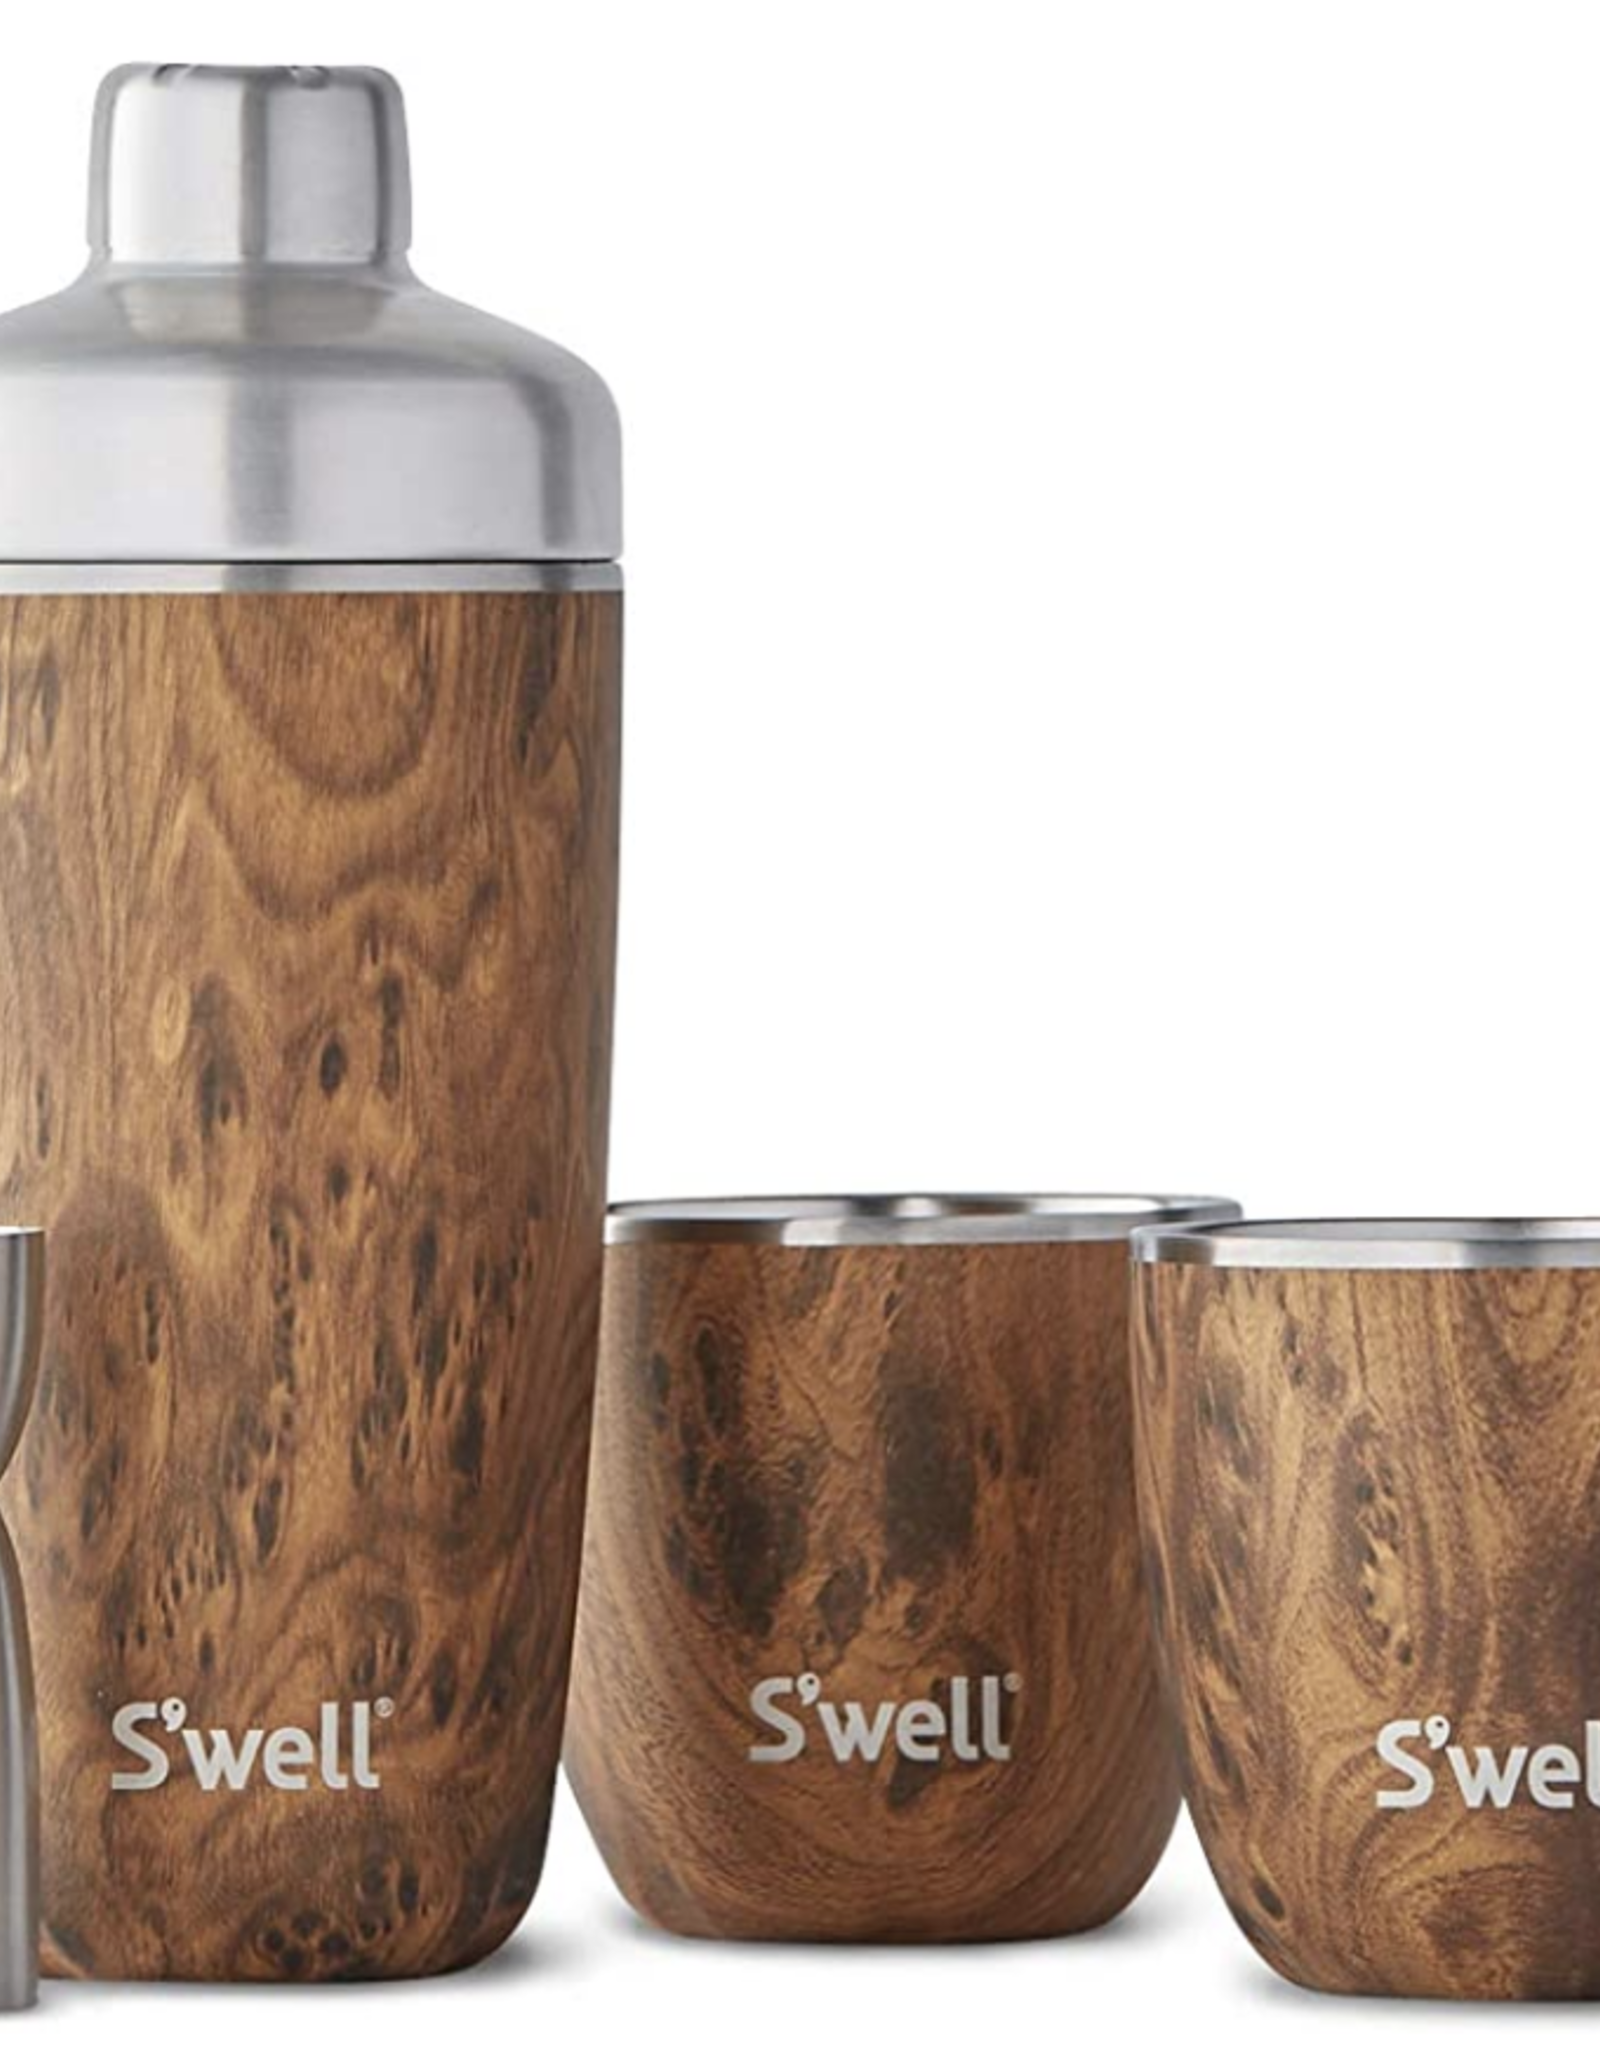 Swell Teakwood Cocktail Kit